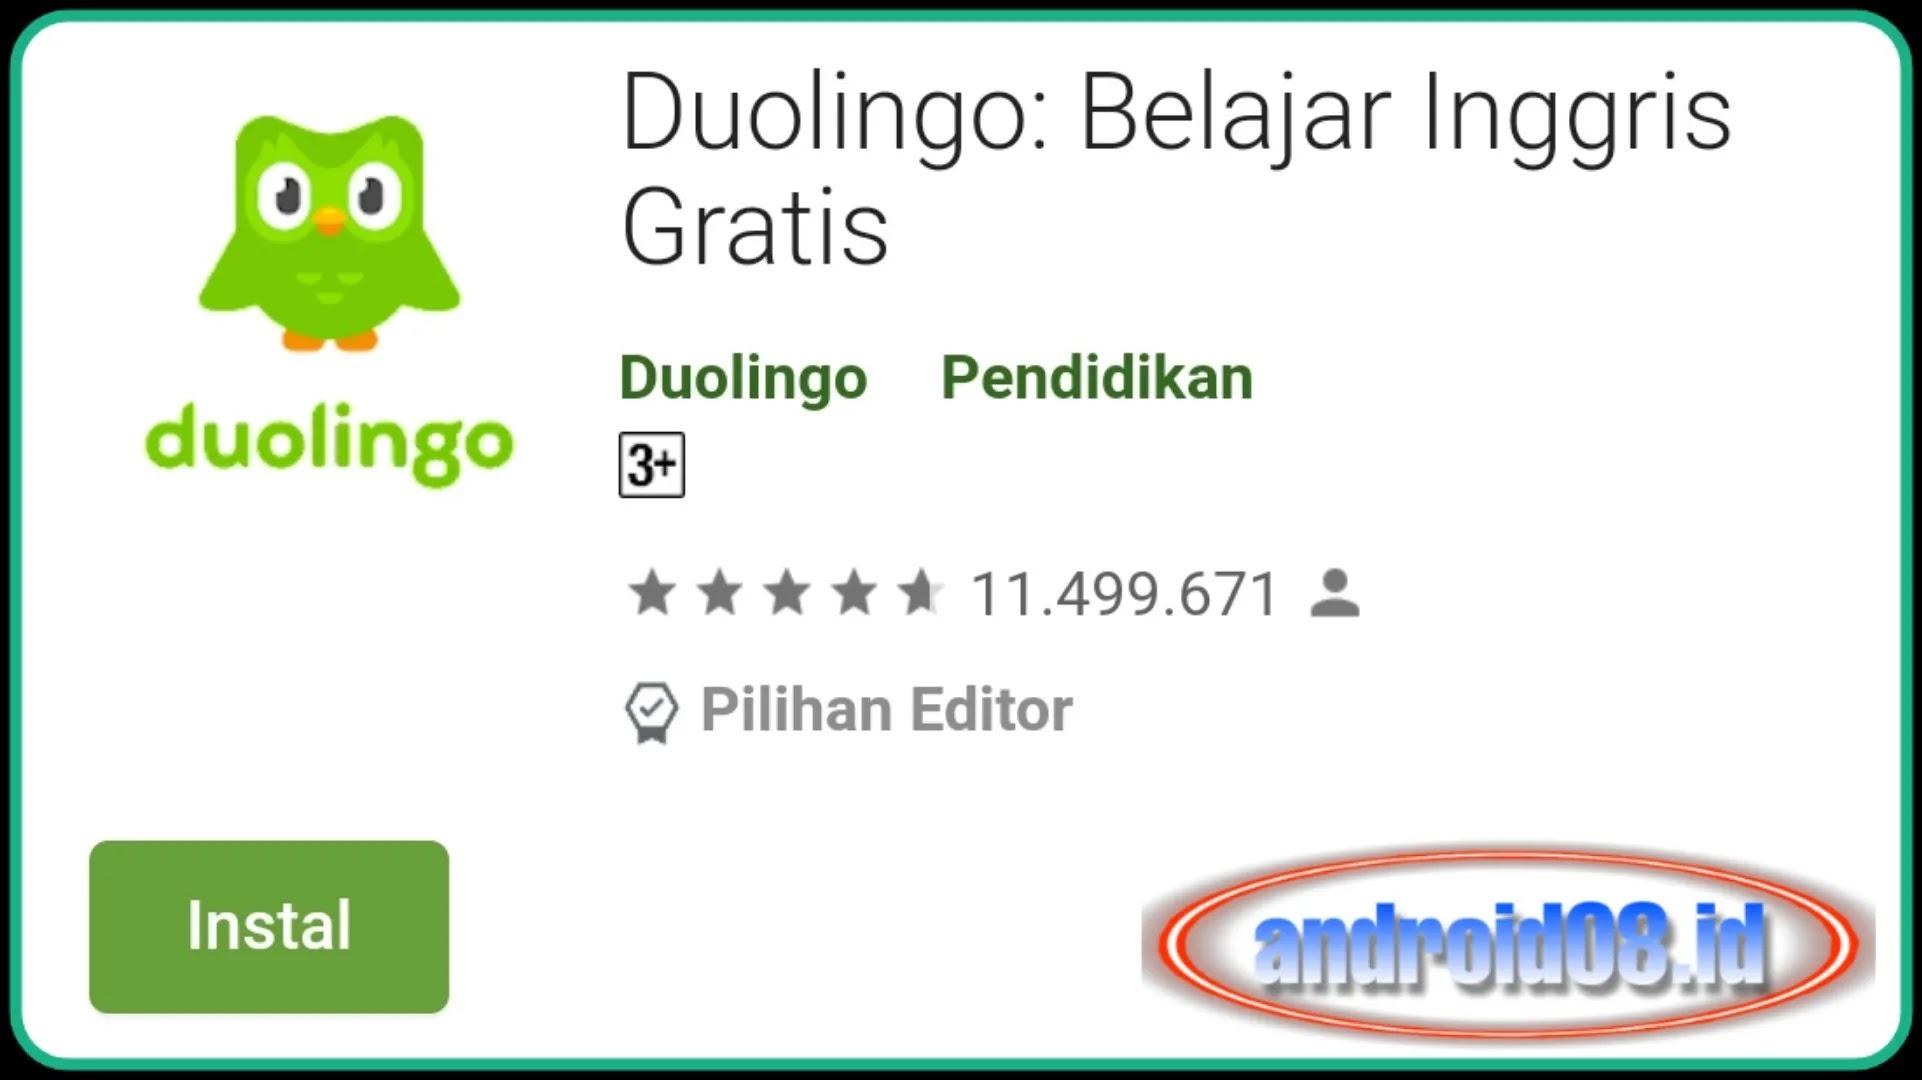 duolingo playstore gratis